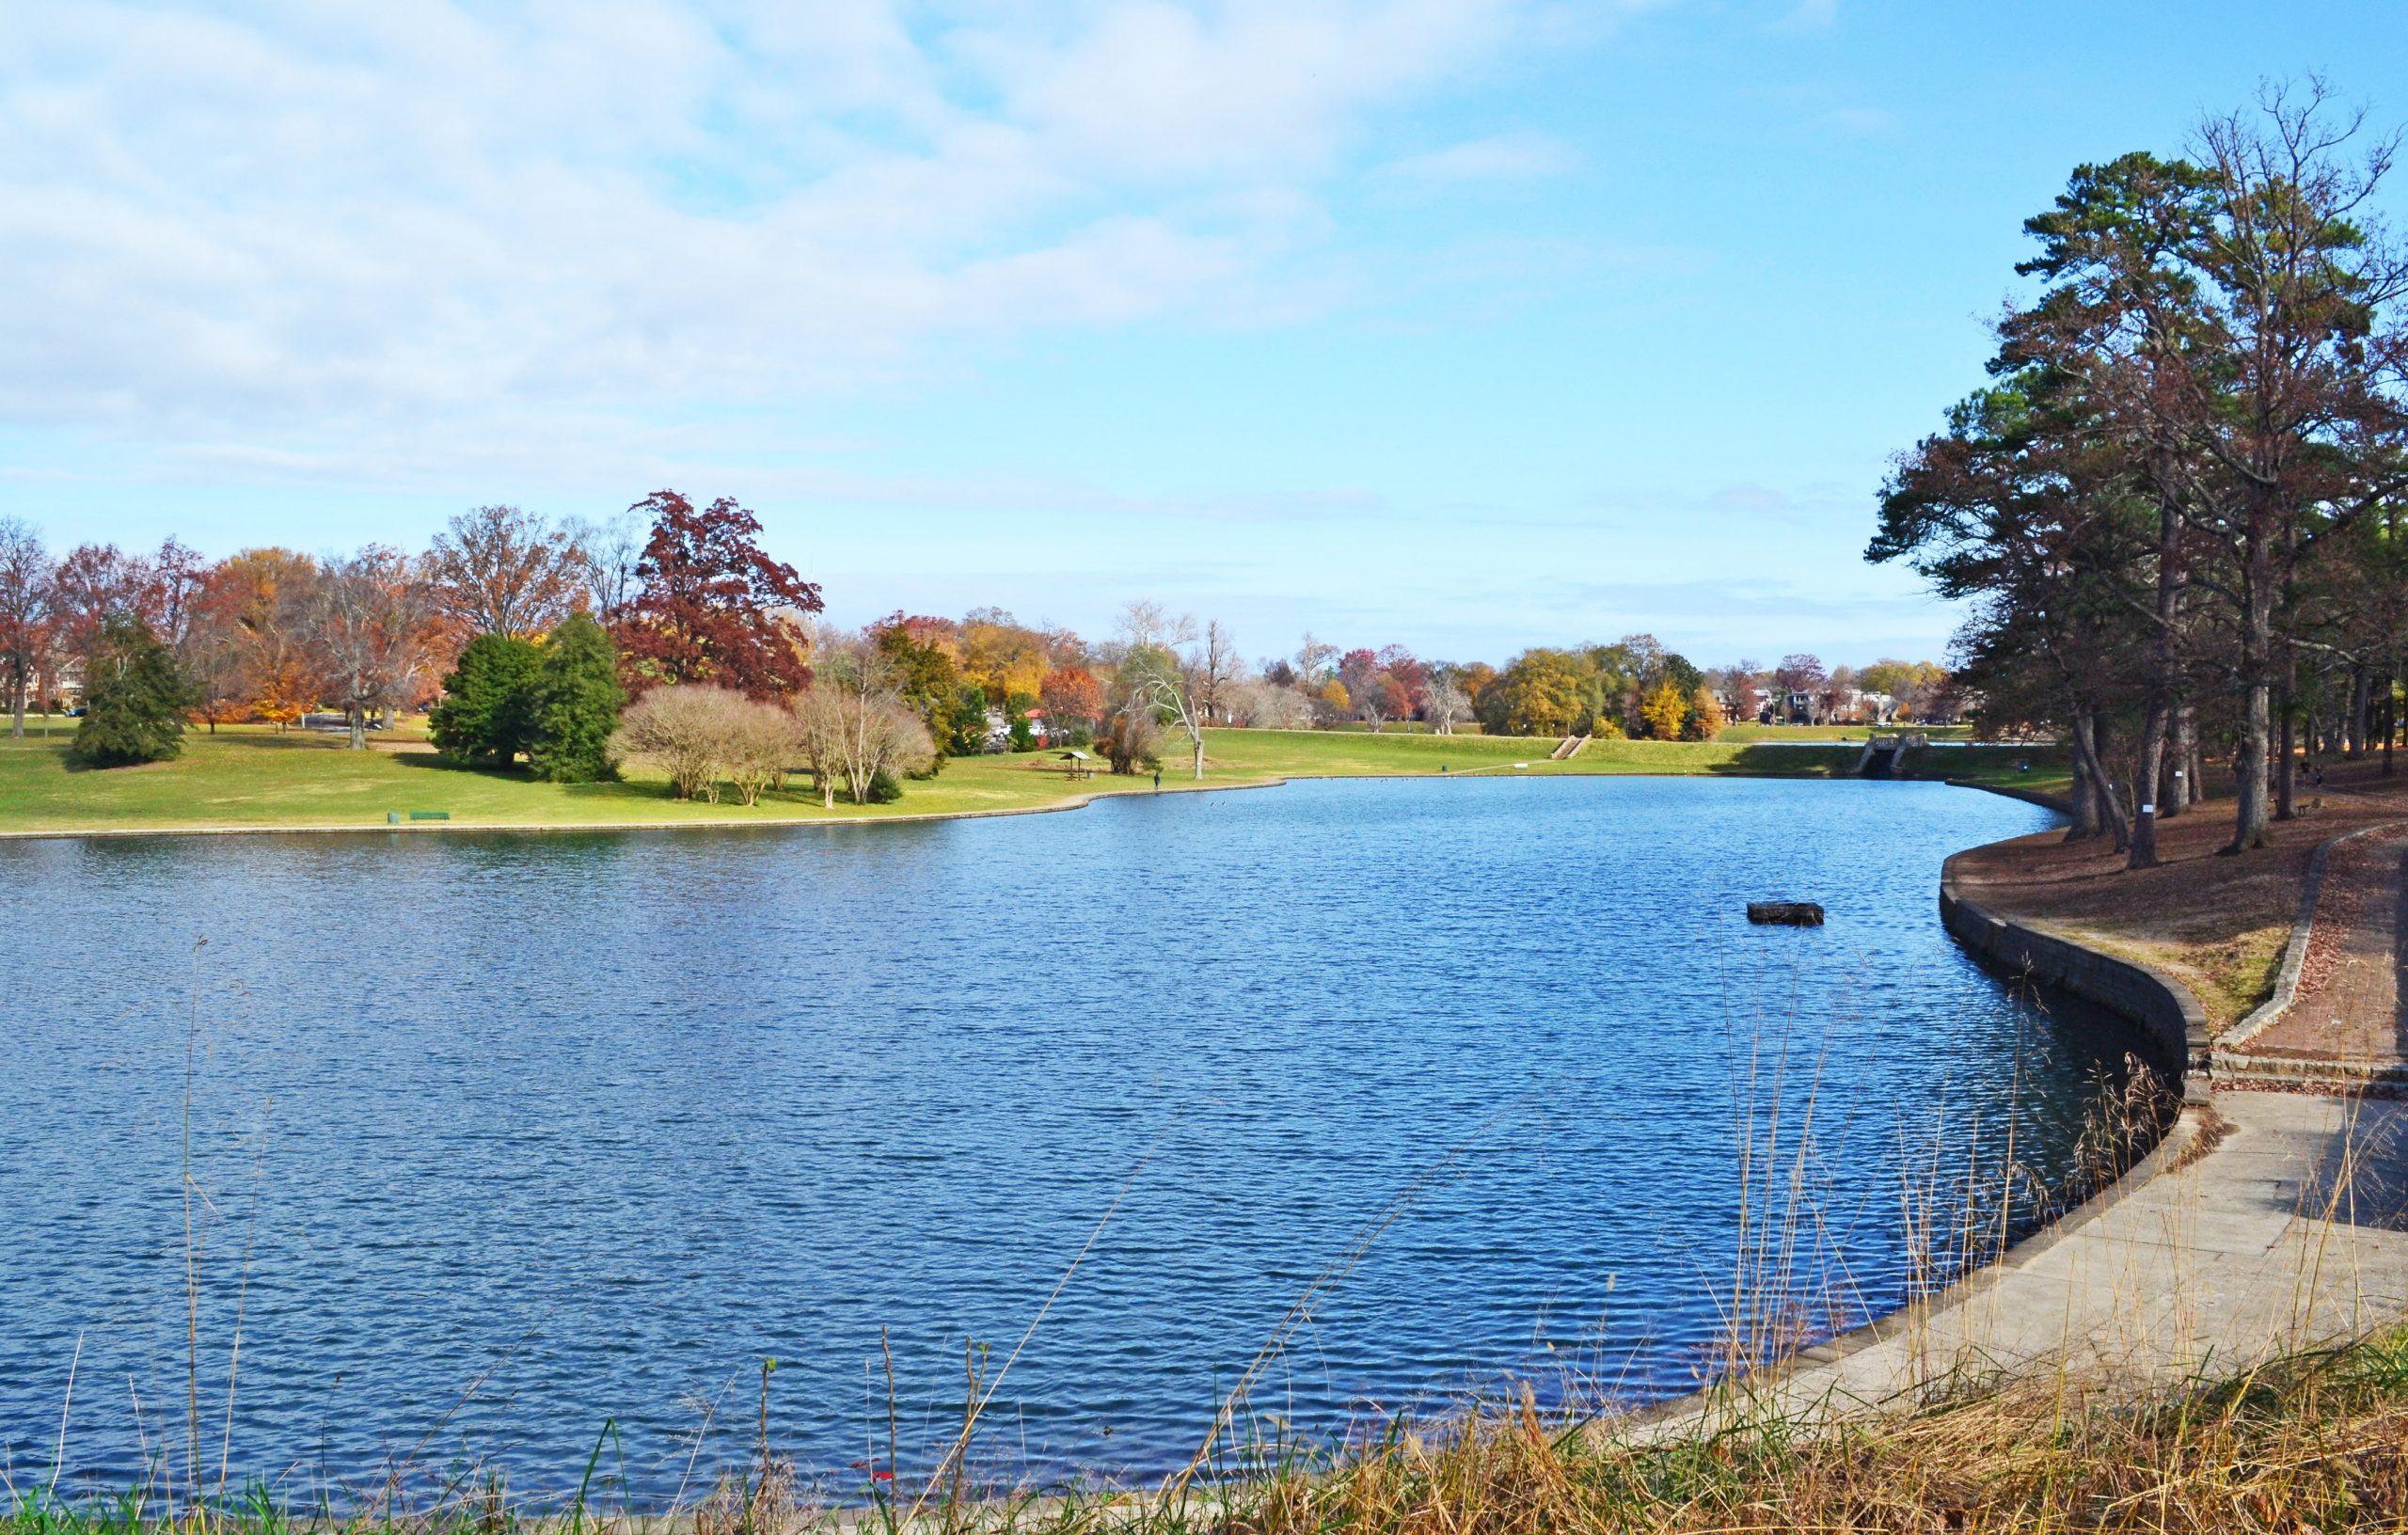 William Byrd Park